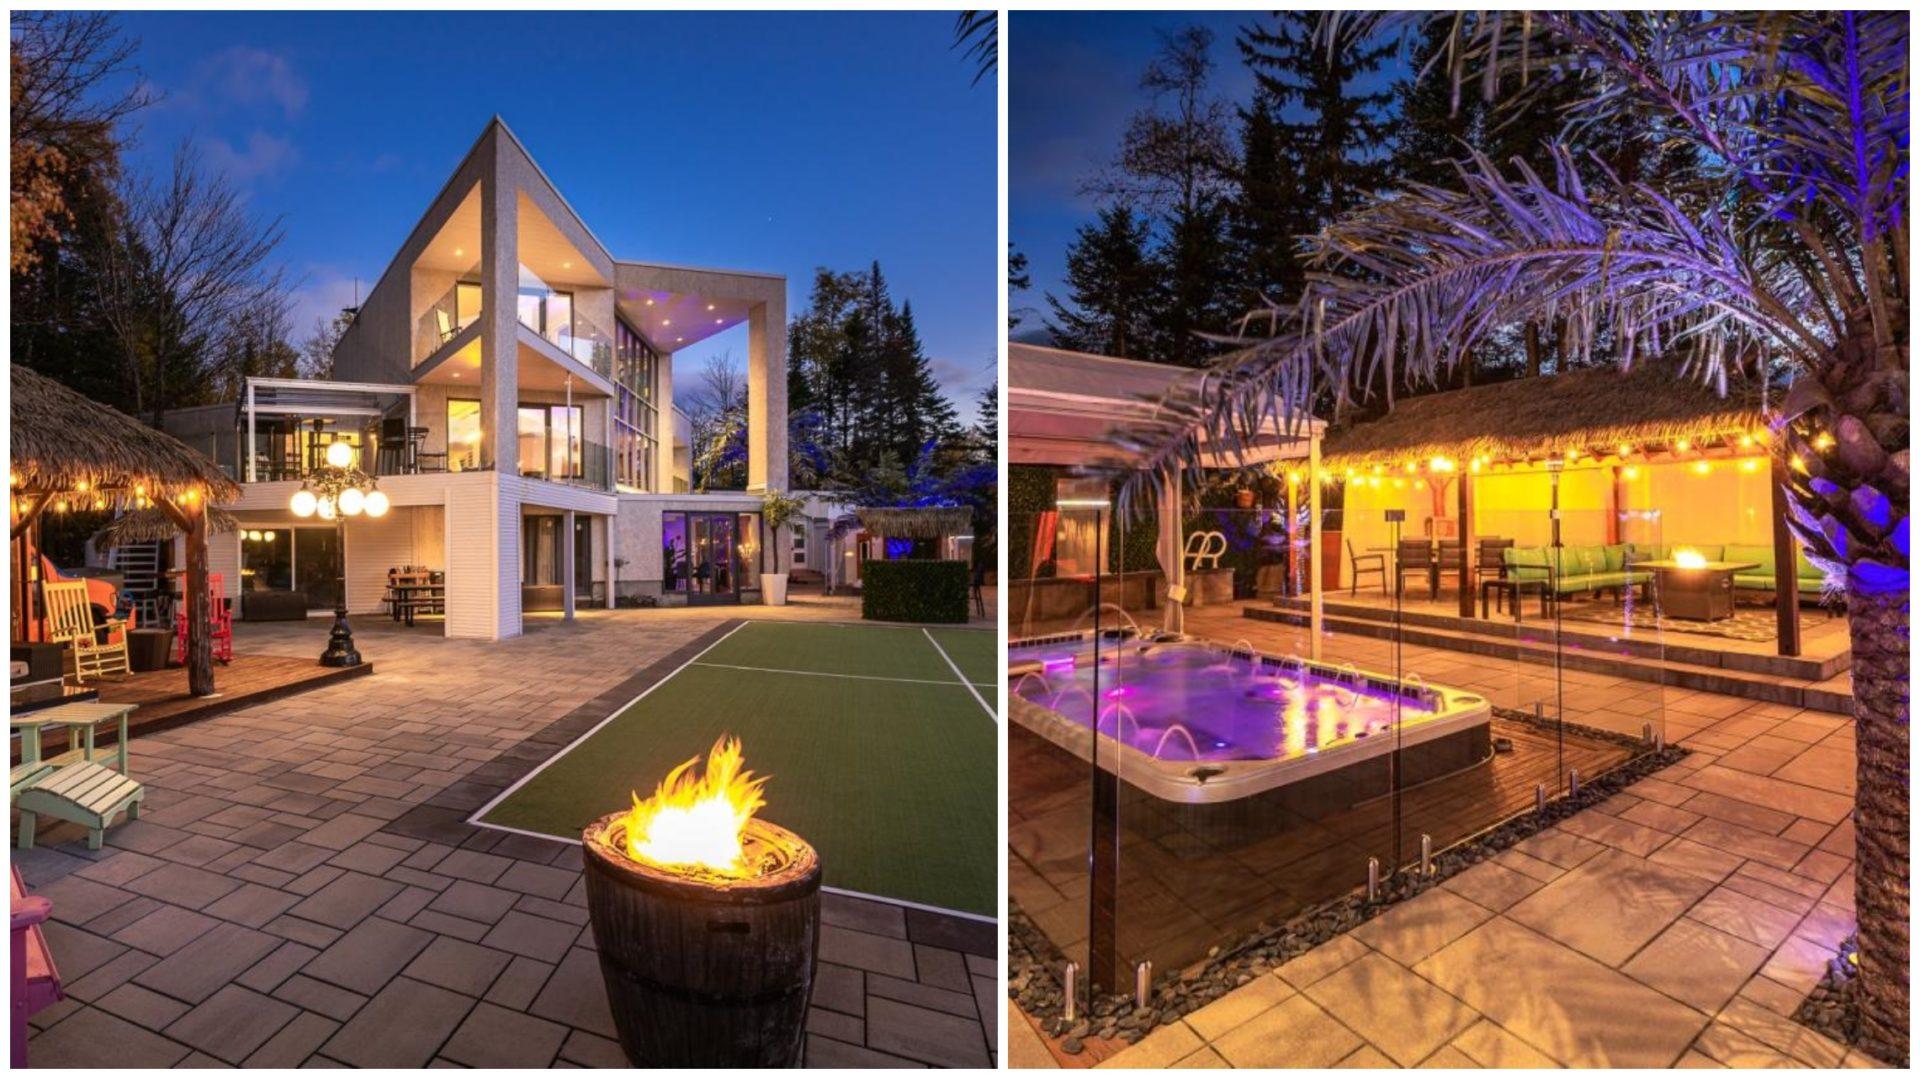 Cette maison à vendre à moins d'une heure de Montréal sort complètement de l'ordinaire! [PHOTOS]